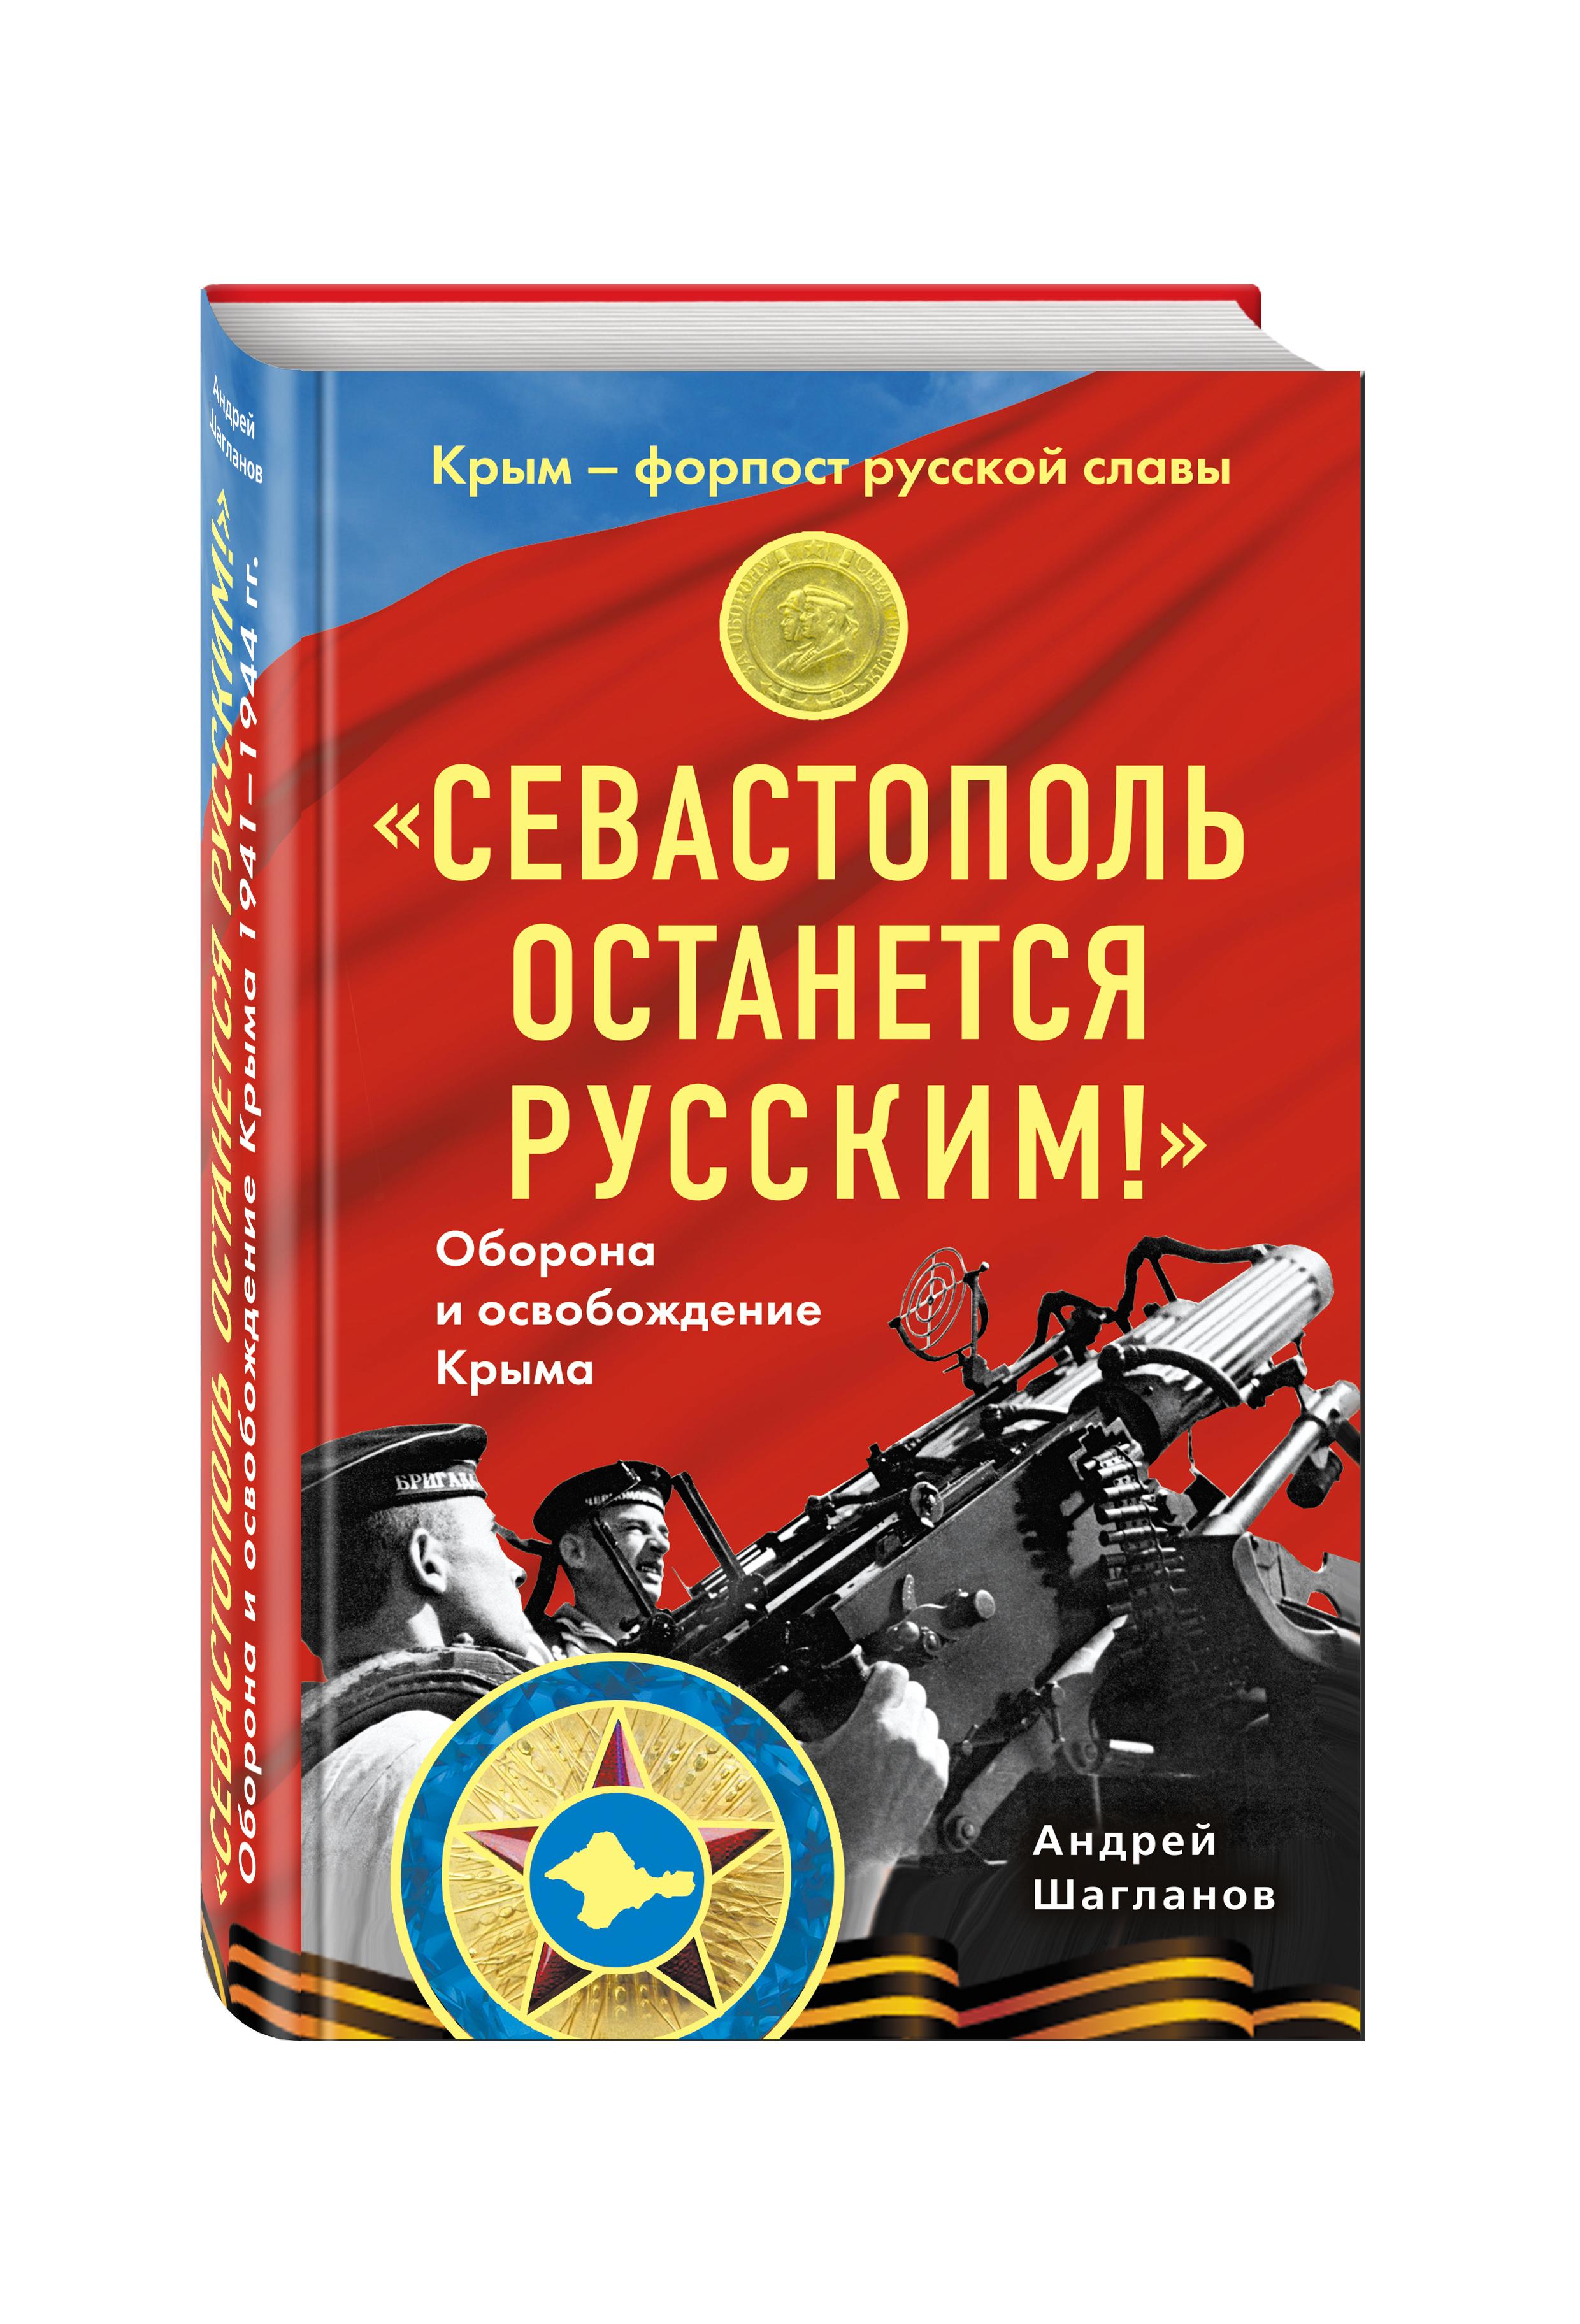 Читать «Севастополь останется русским!» Оборона и освобождение Крыма 1941-1944